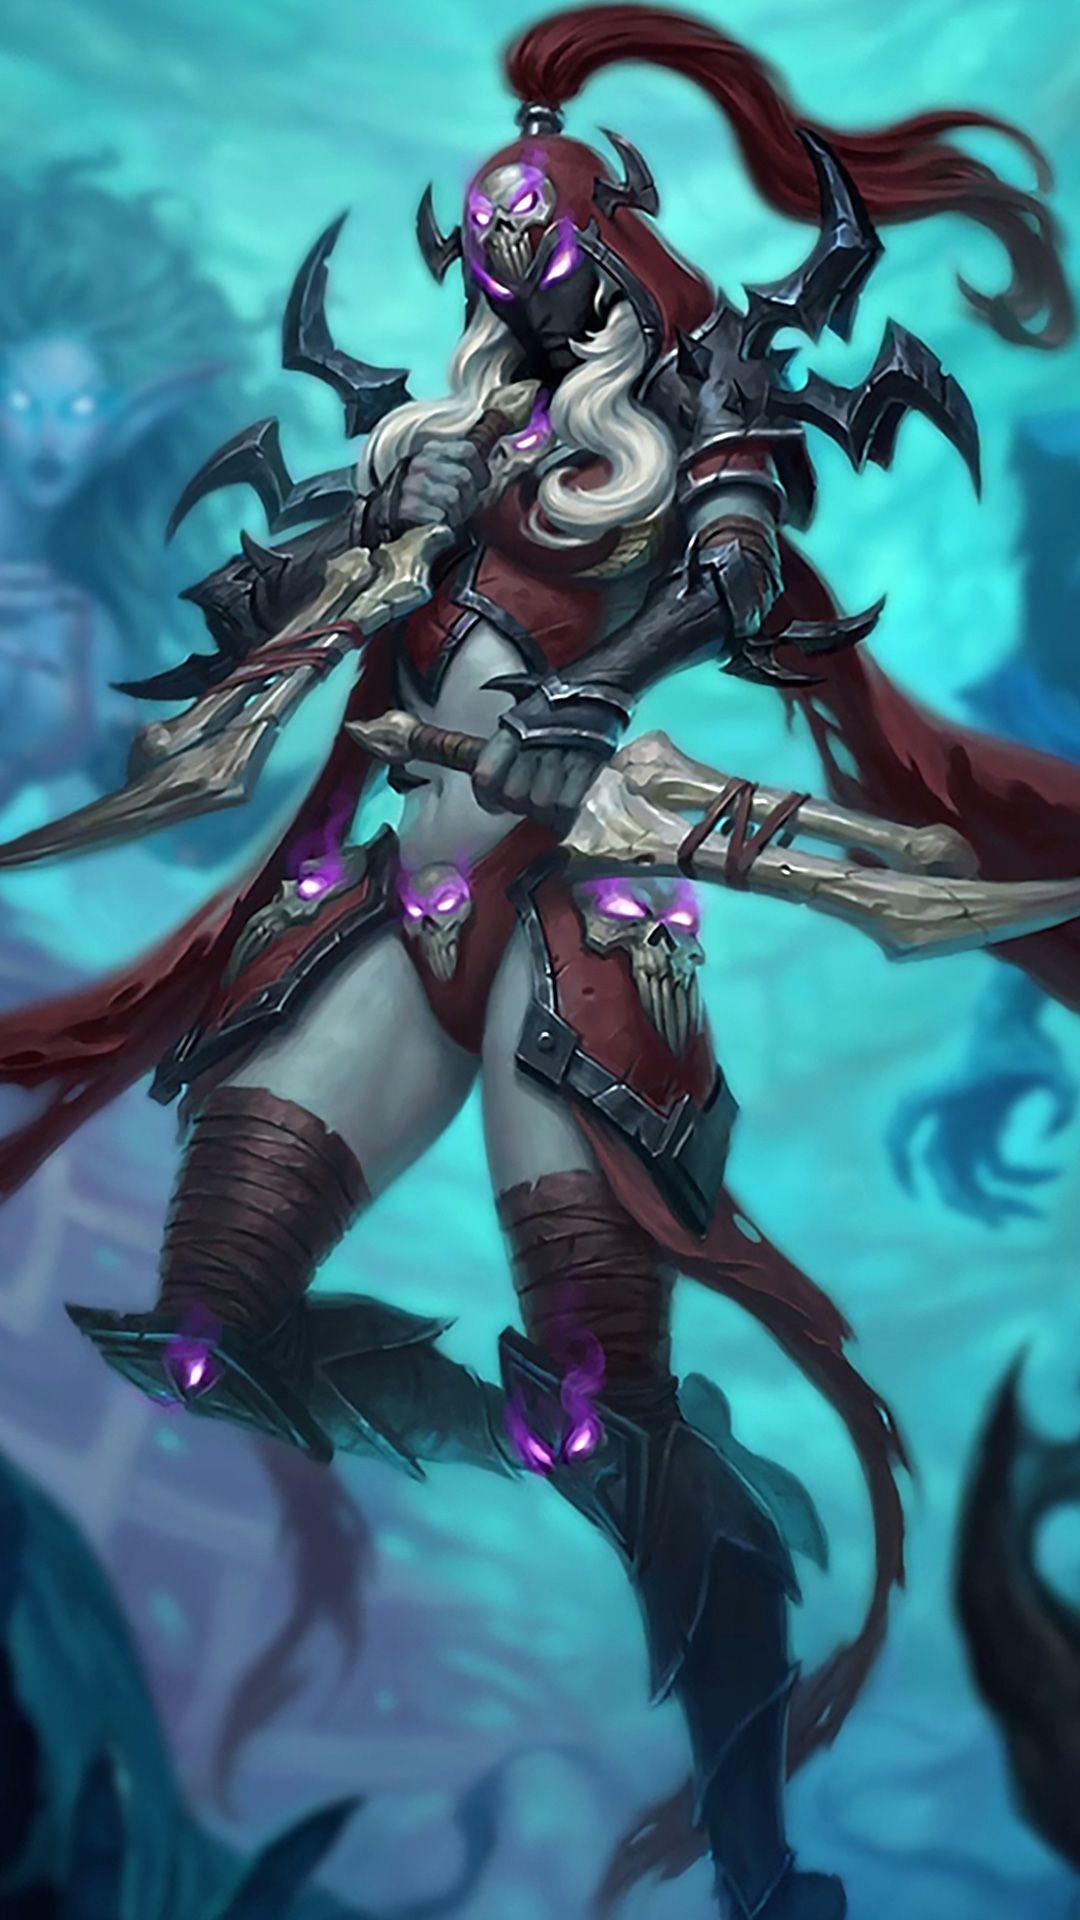 Warcraft Art, Hearthstone Wallpaper, Heroes, Elfa, Lich King